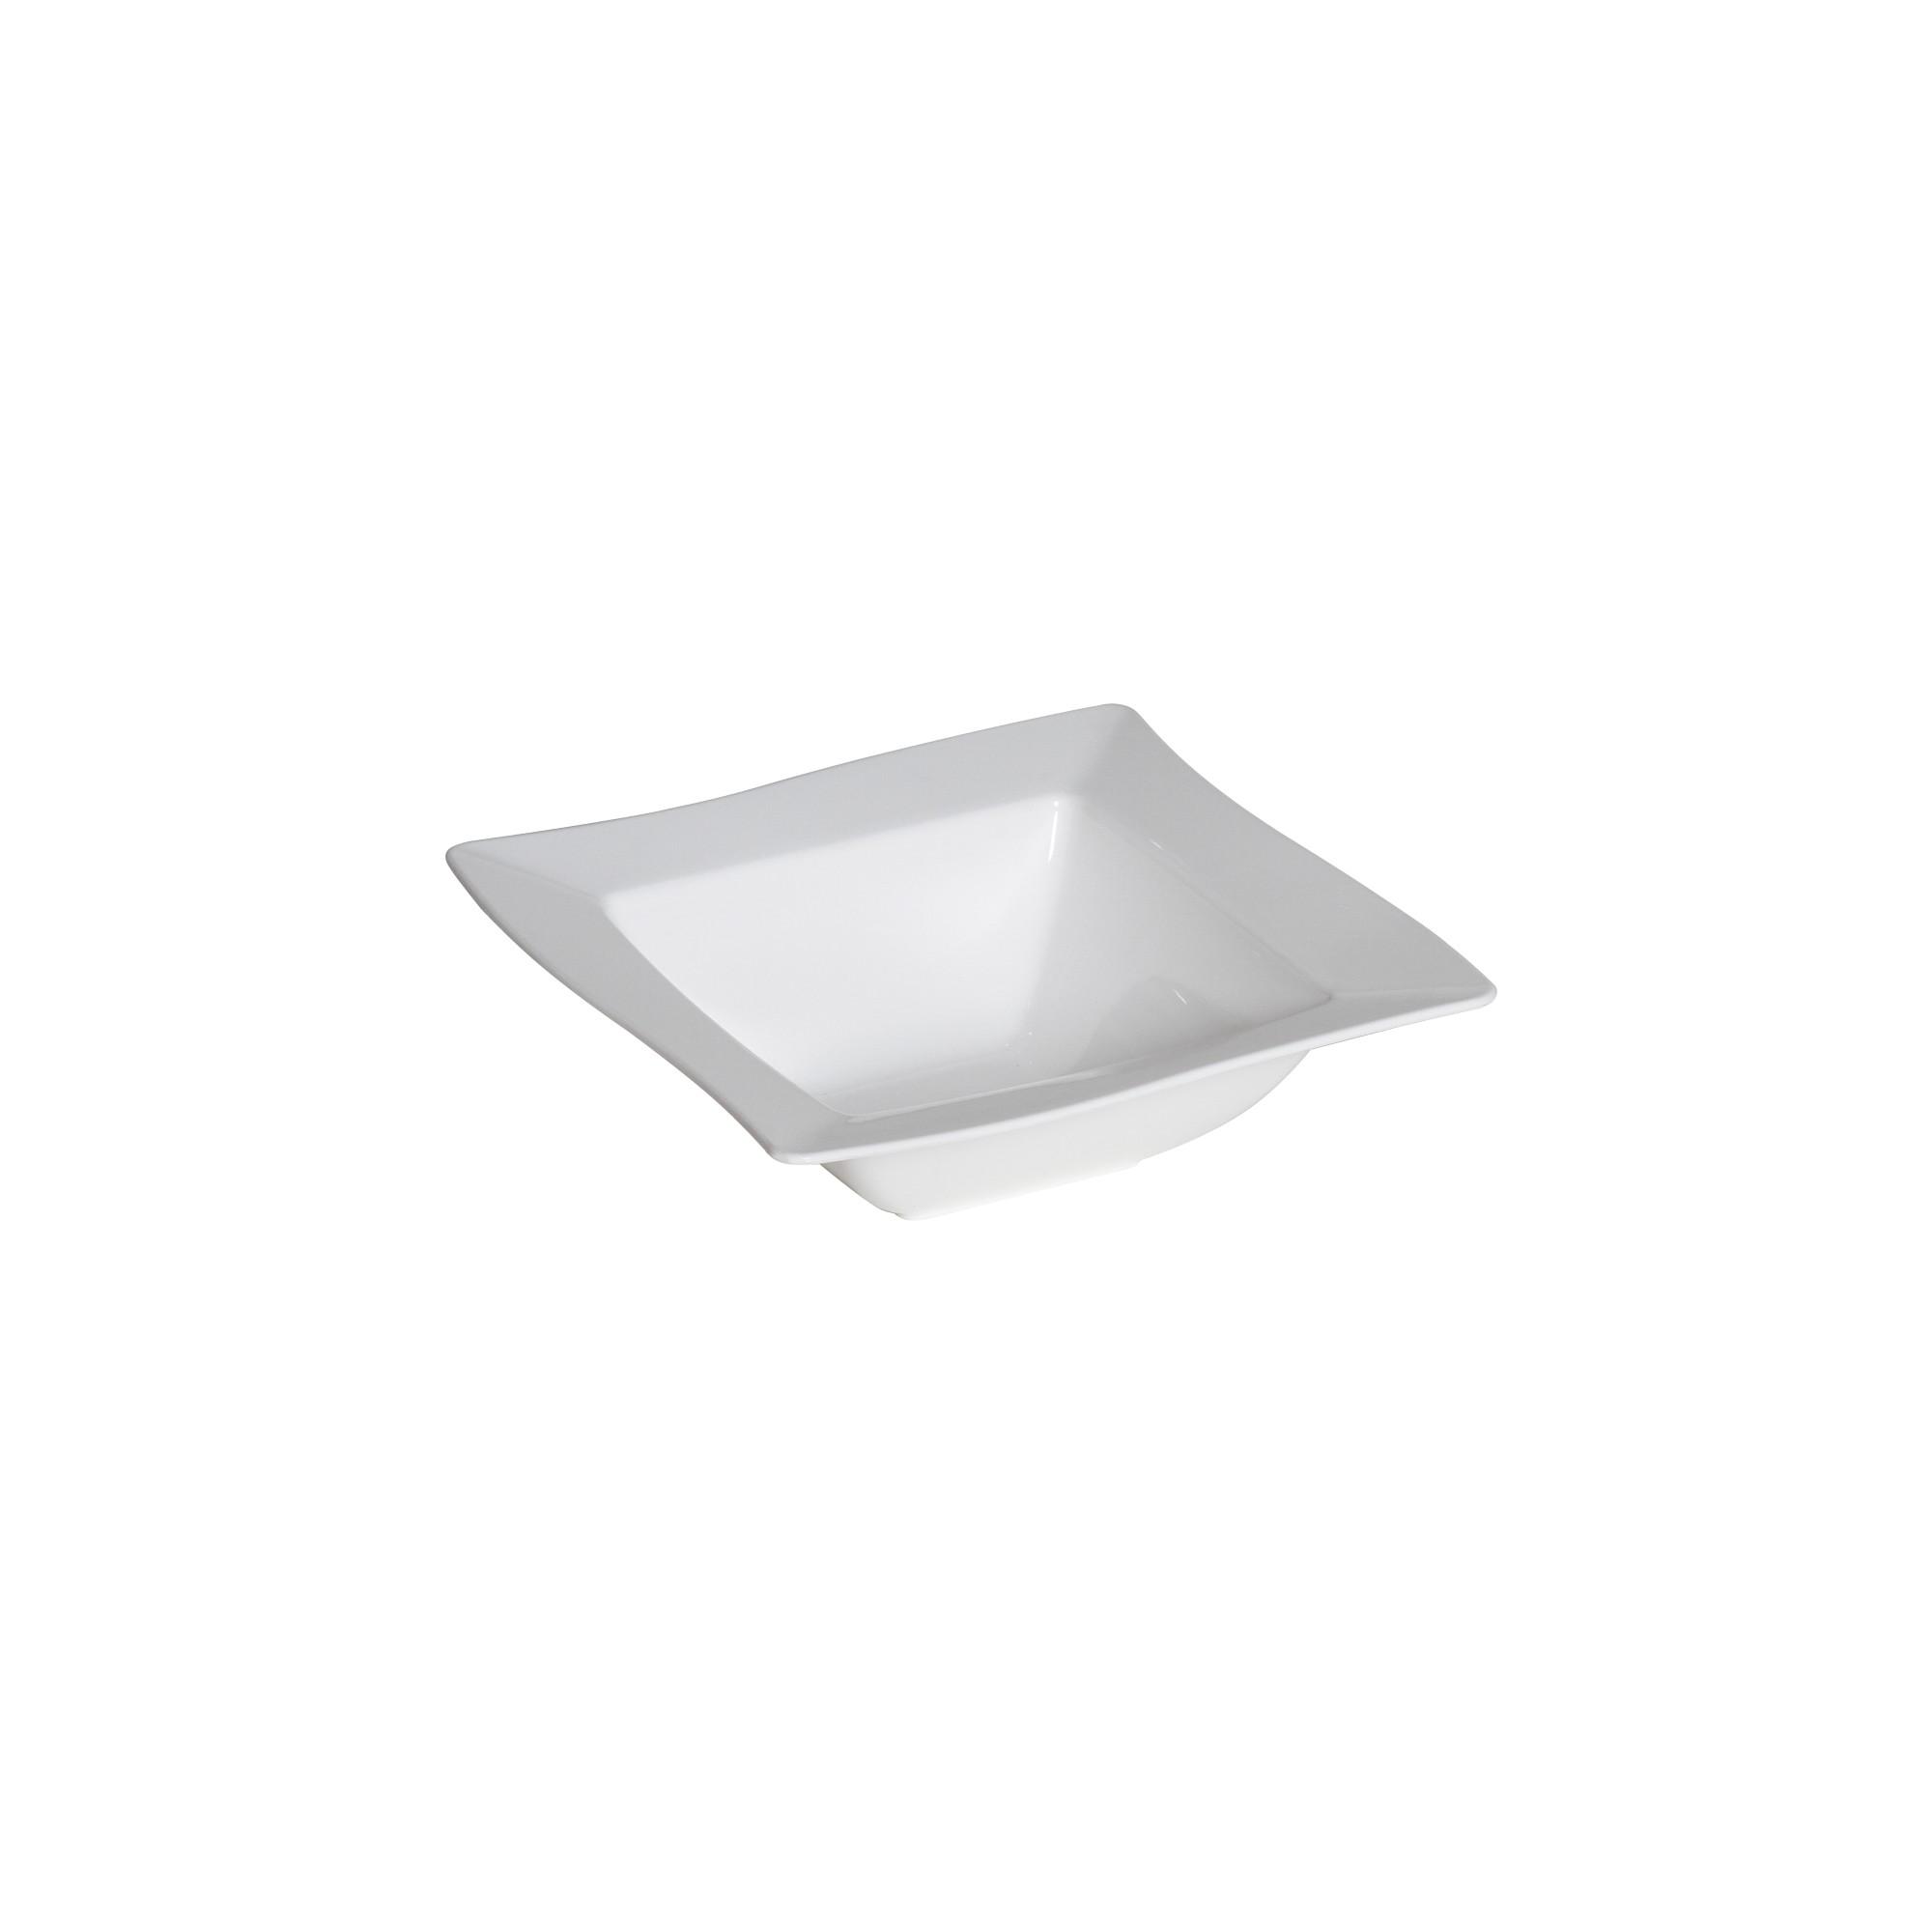 Saladeira de Plastico 800ml - 254 - Vem Plast